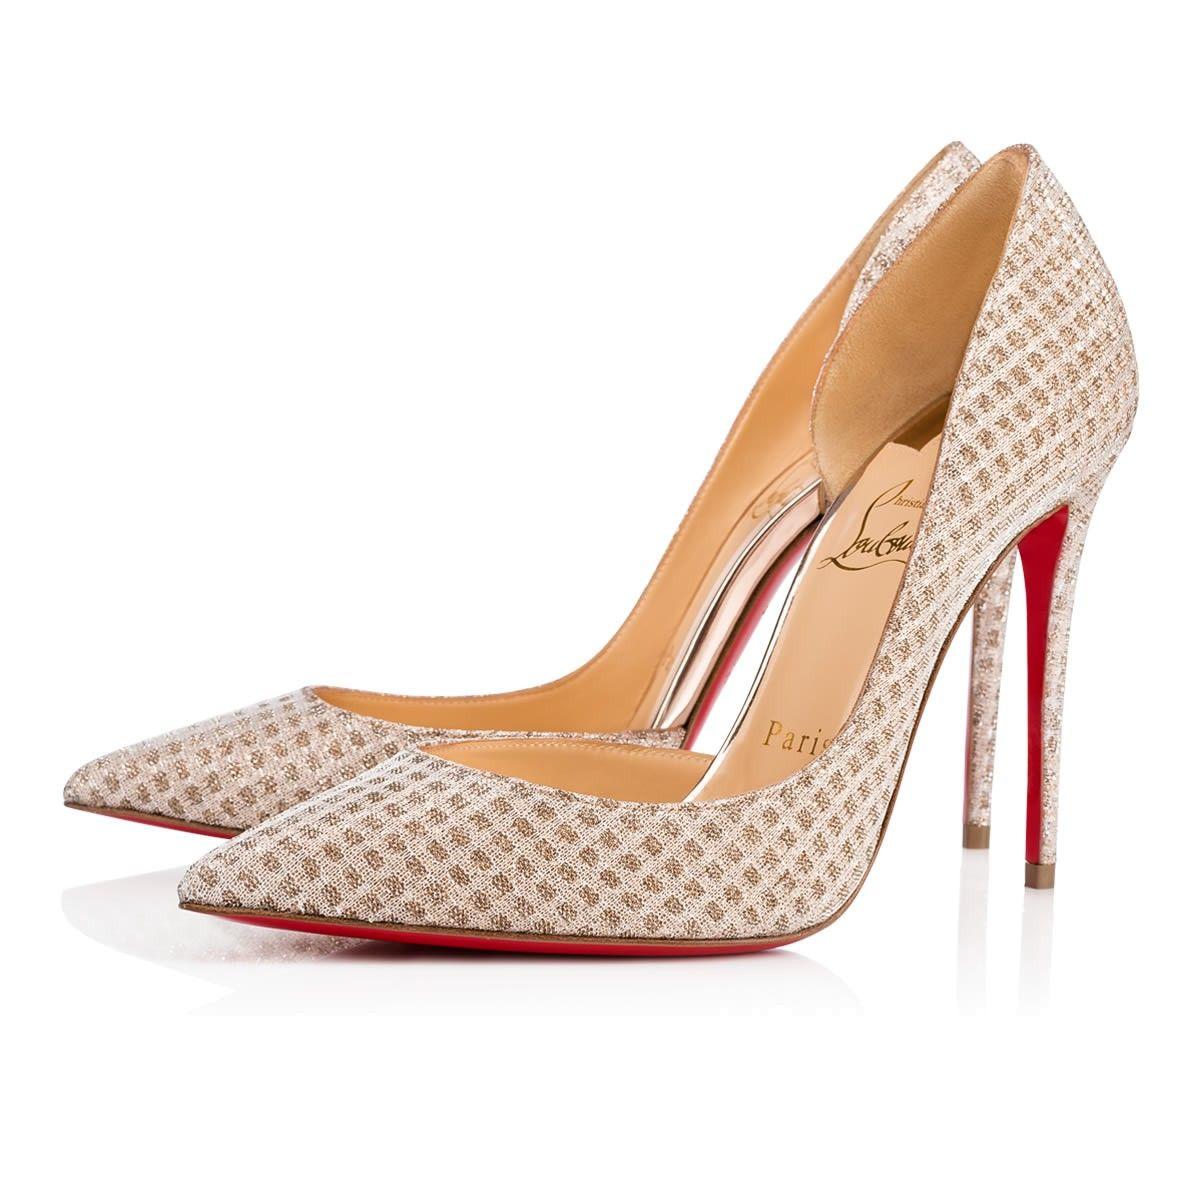 meet 689c2 cf2da Shoes - Iriza - Christian Louboutin | Love the Louboutins ...